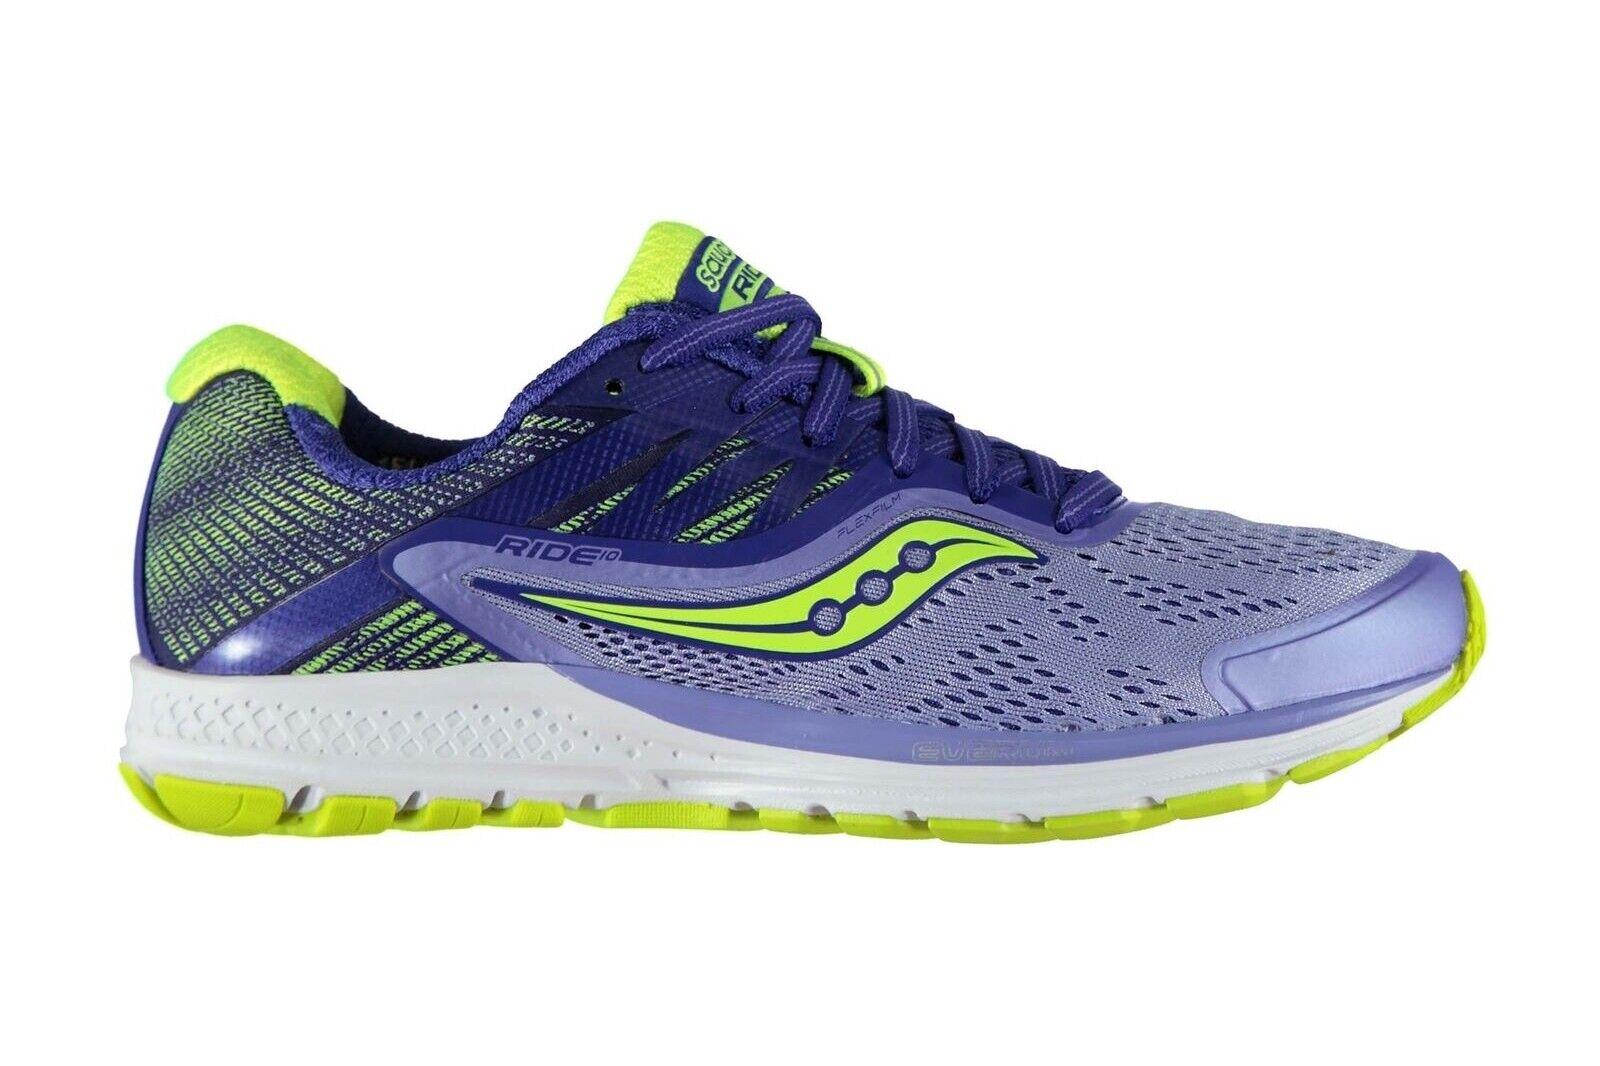 SAUCONY Da Donna Ride 10 Donna Sautope Da Corsa Sautope Sportive Jogging Footwear